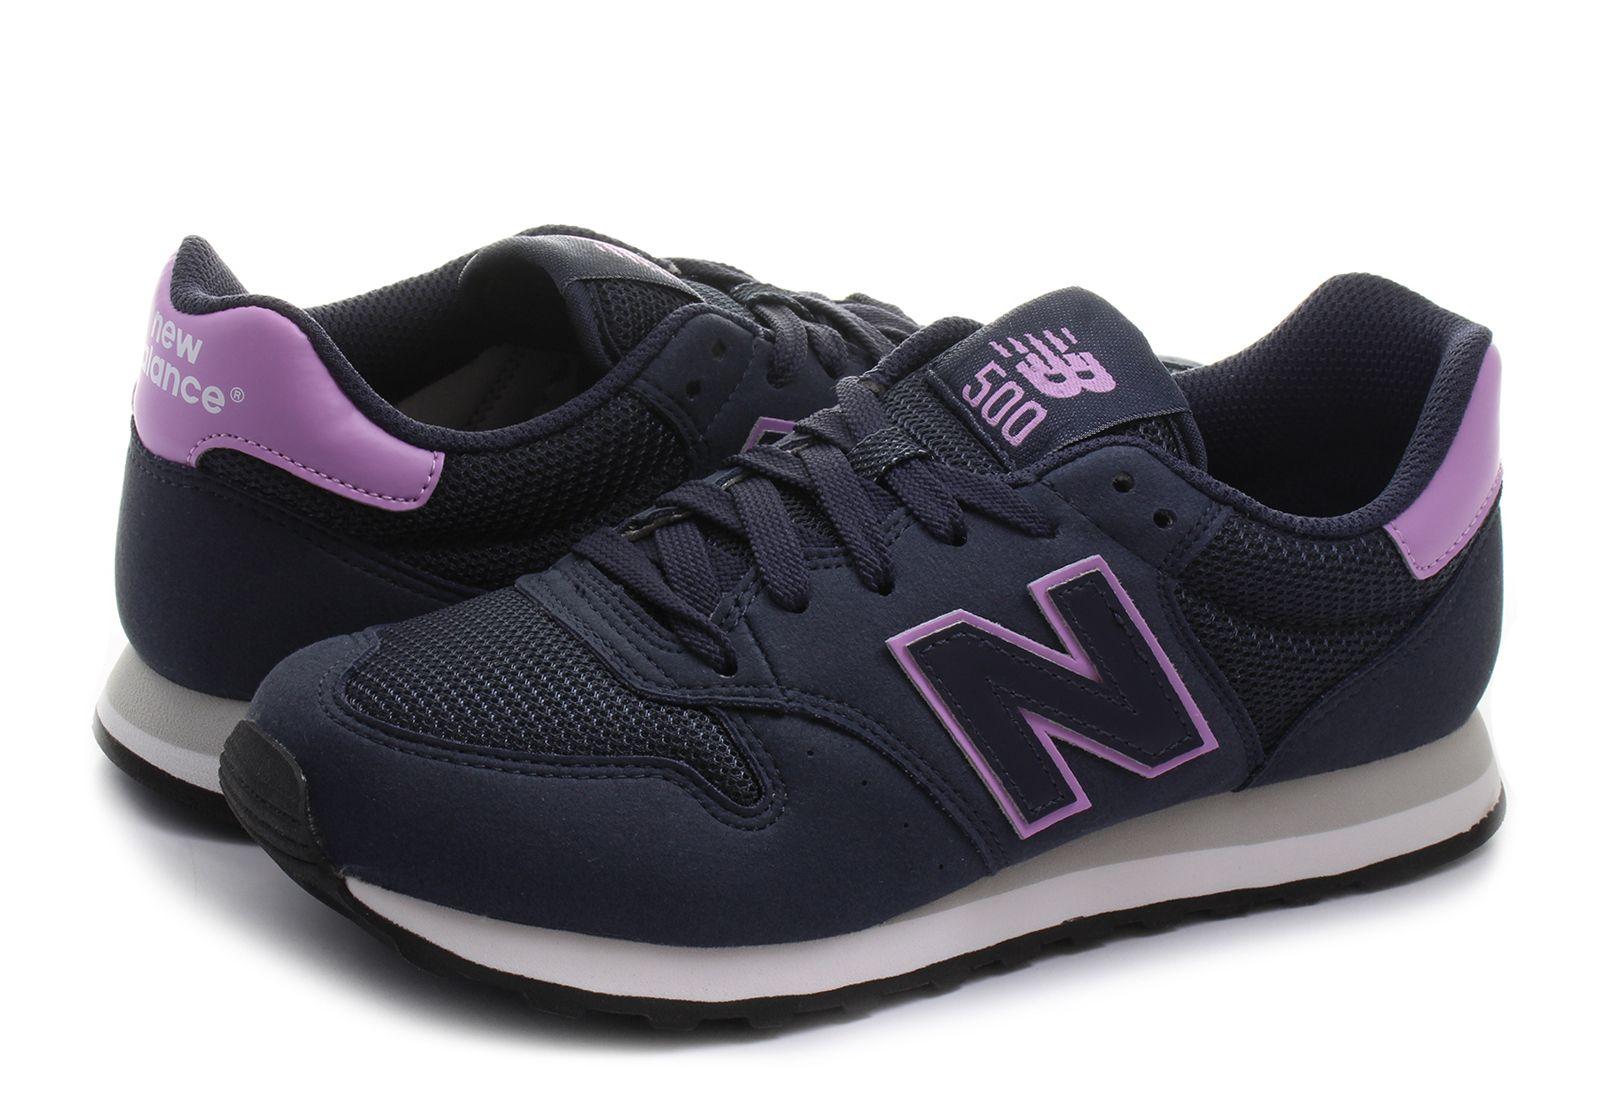 New Balance Shoes Gw500